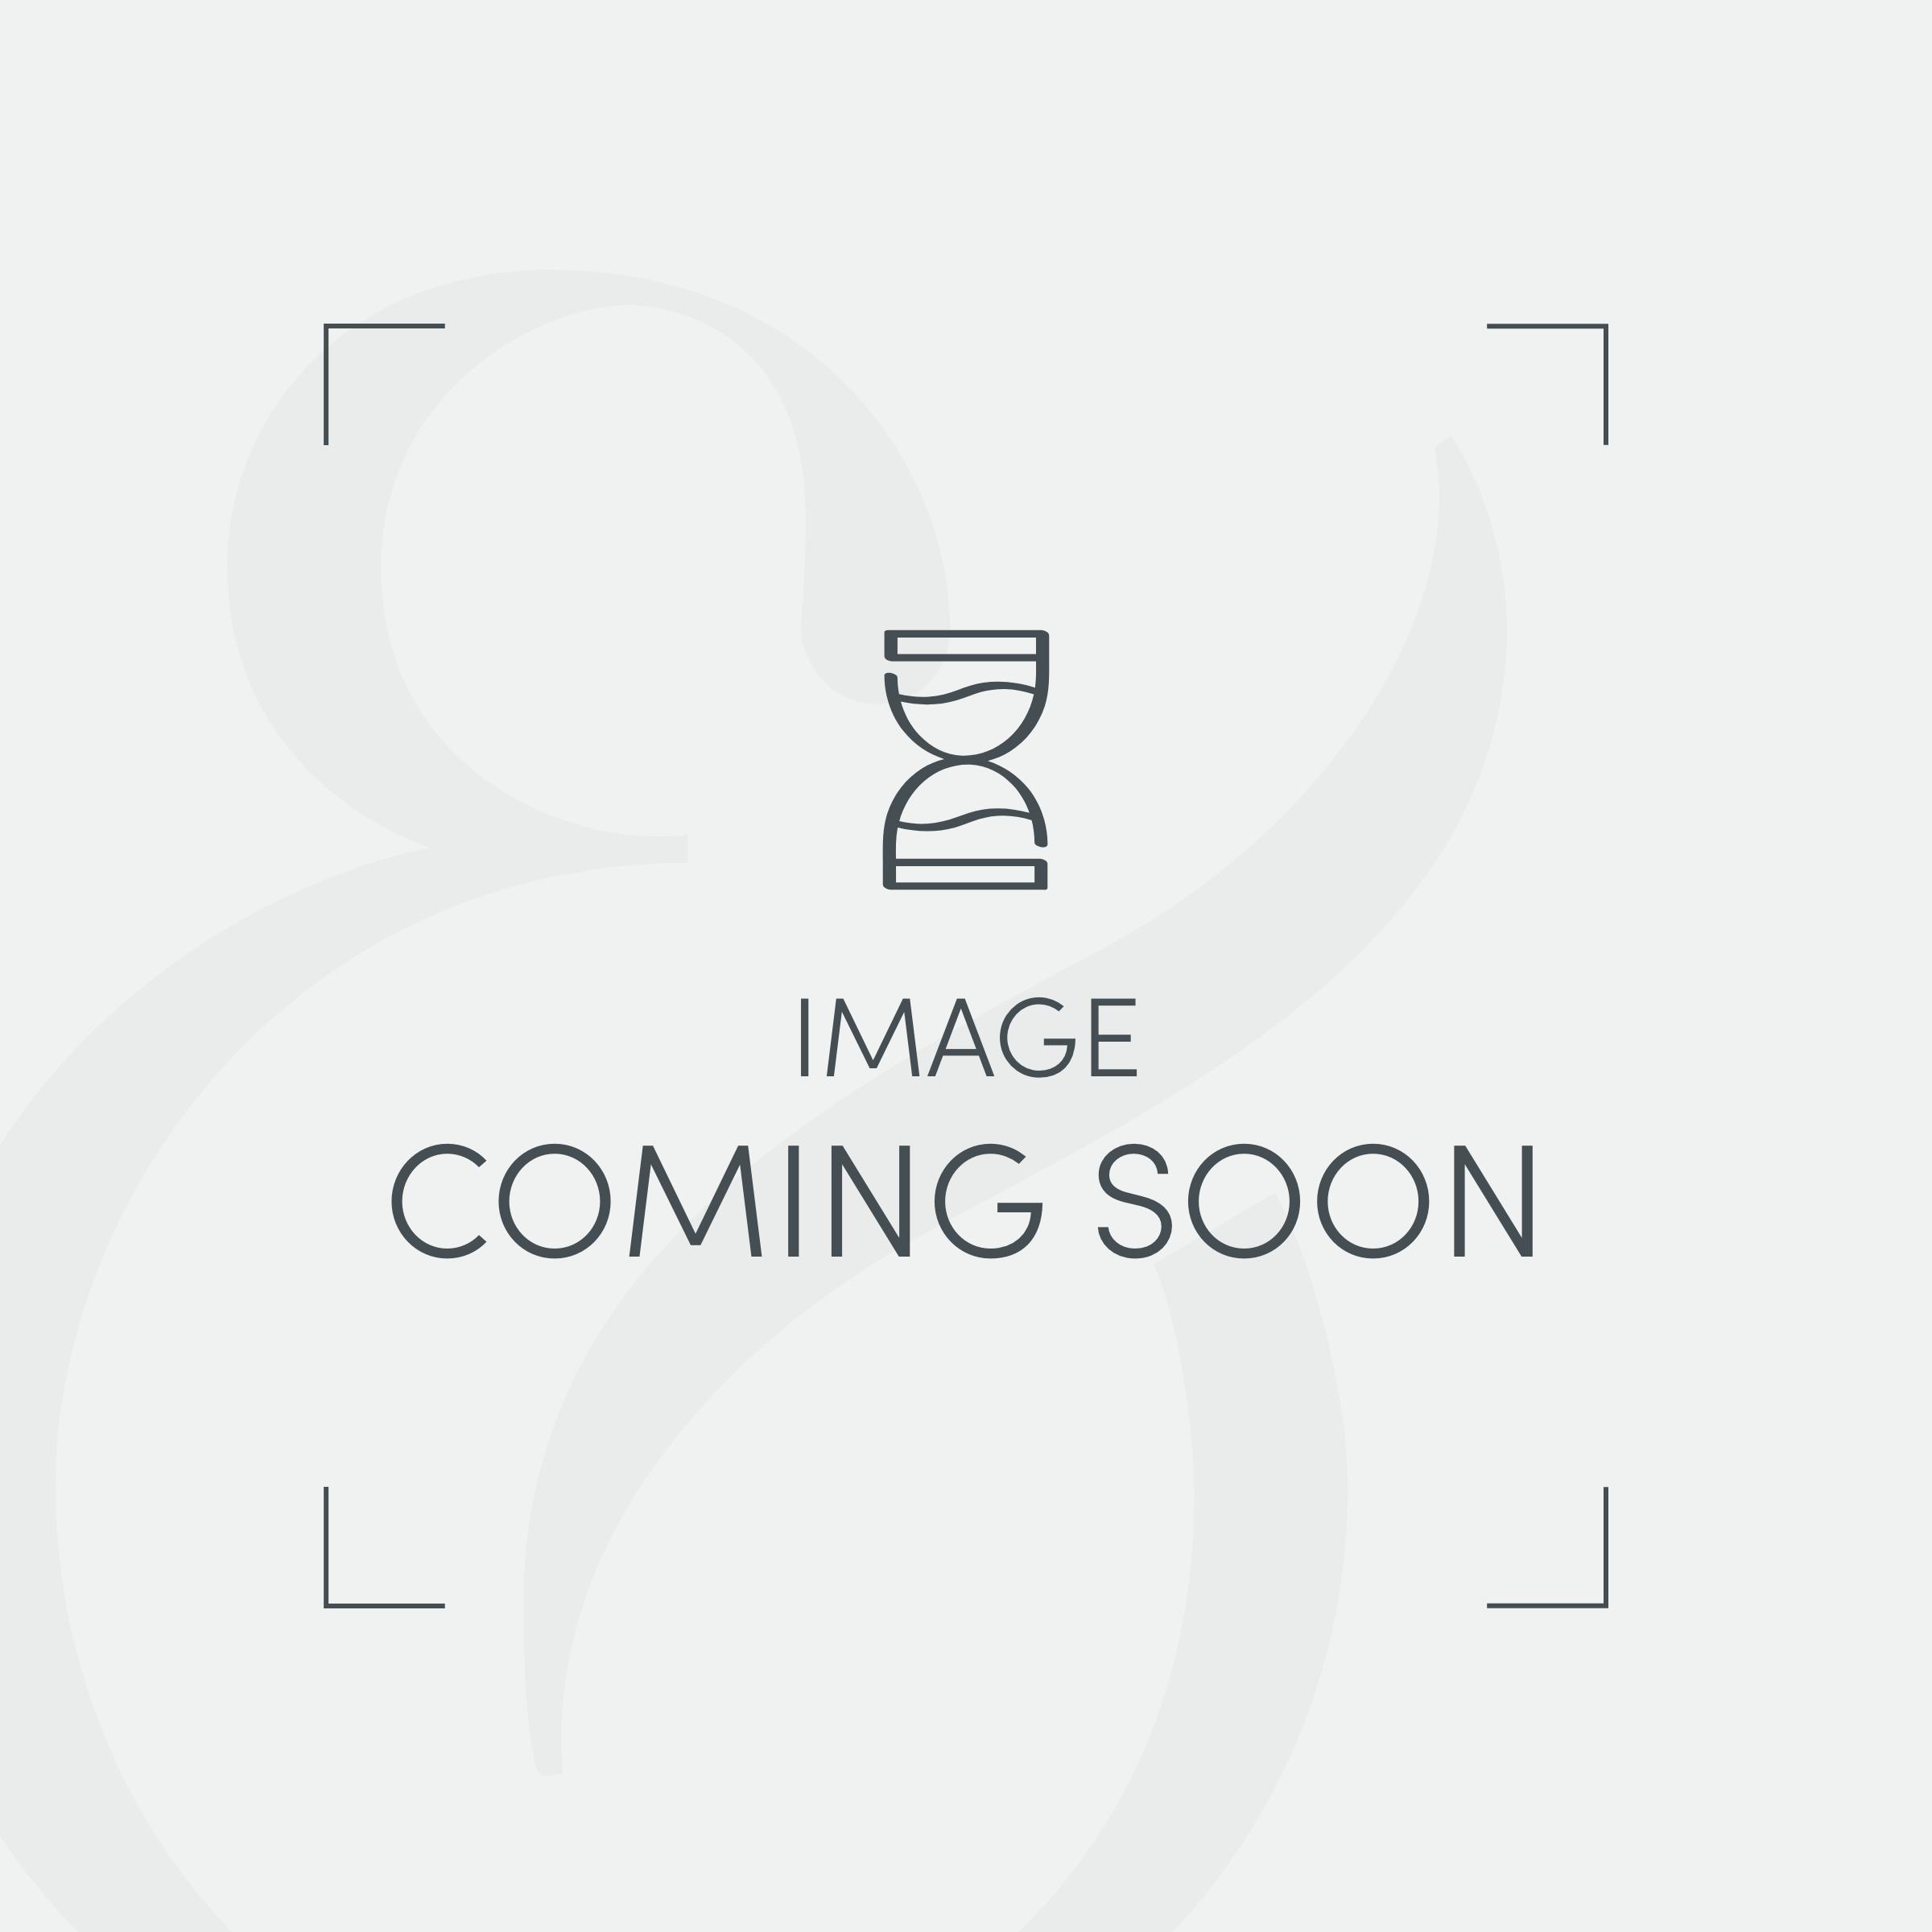 Hungarian Goose Down Superking Pillow Pair - Medium/Firm